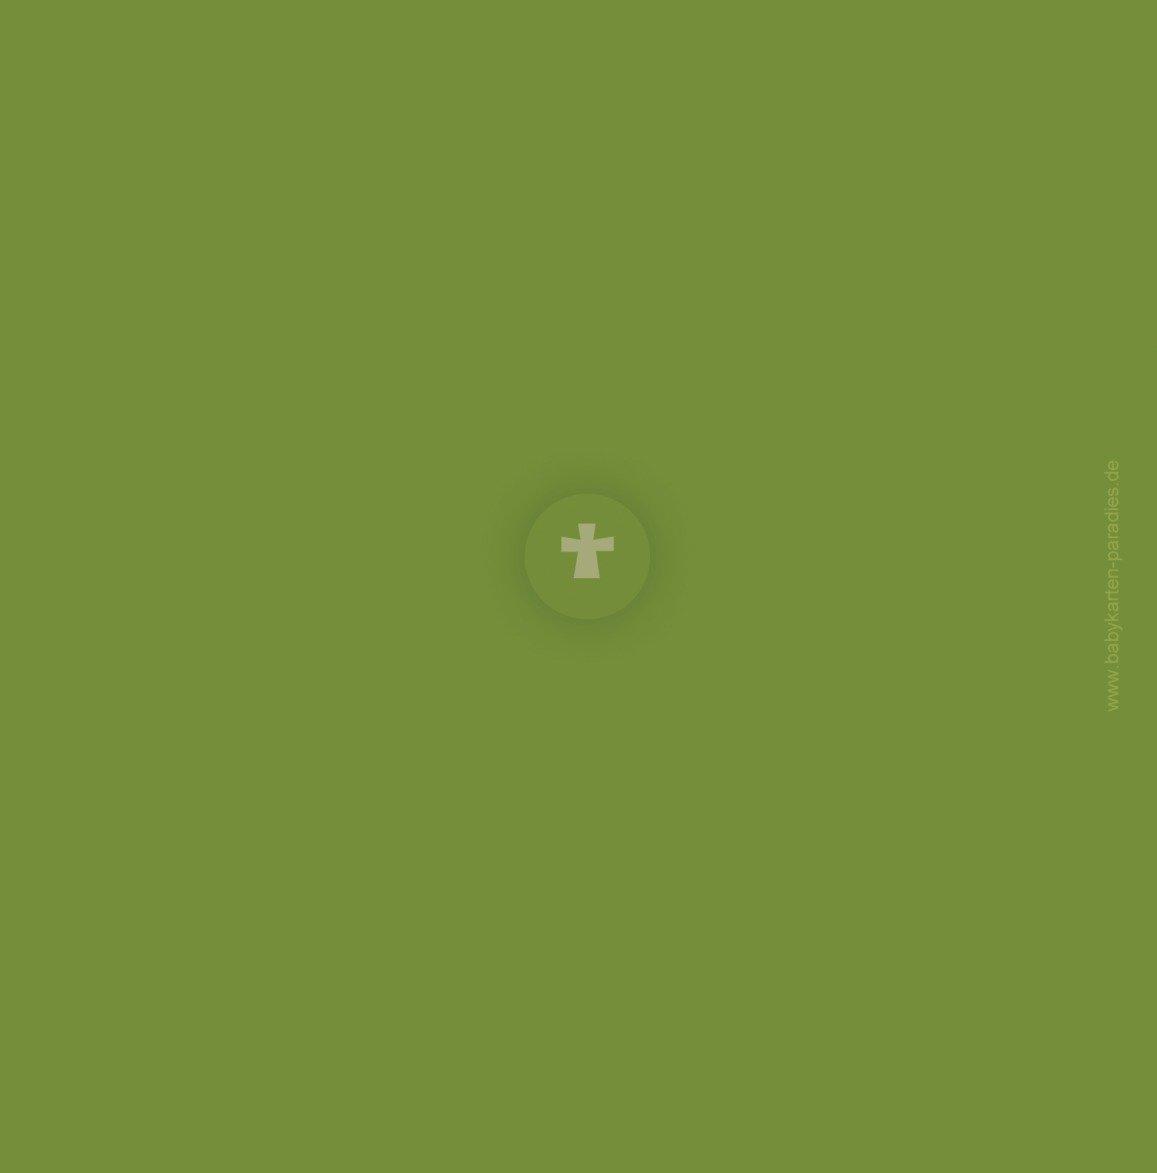 Kartenparadies Einladungskarte Einladungskarte Einladungskarte Konfirmation Wellen Kreuz, hochwertige Einladung zur Konfirmationsfeier inklusive Umschläge   10 Karten - (Format  145x145 mm) Farbe  WeinRot B01MRBZ508 | Moderne und stilvolle Mode  | Online einkaufen  | Billiger als 7abd57